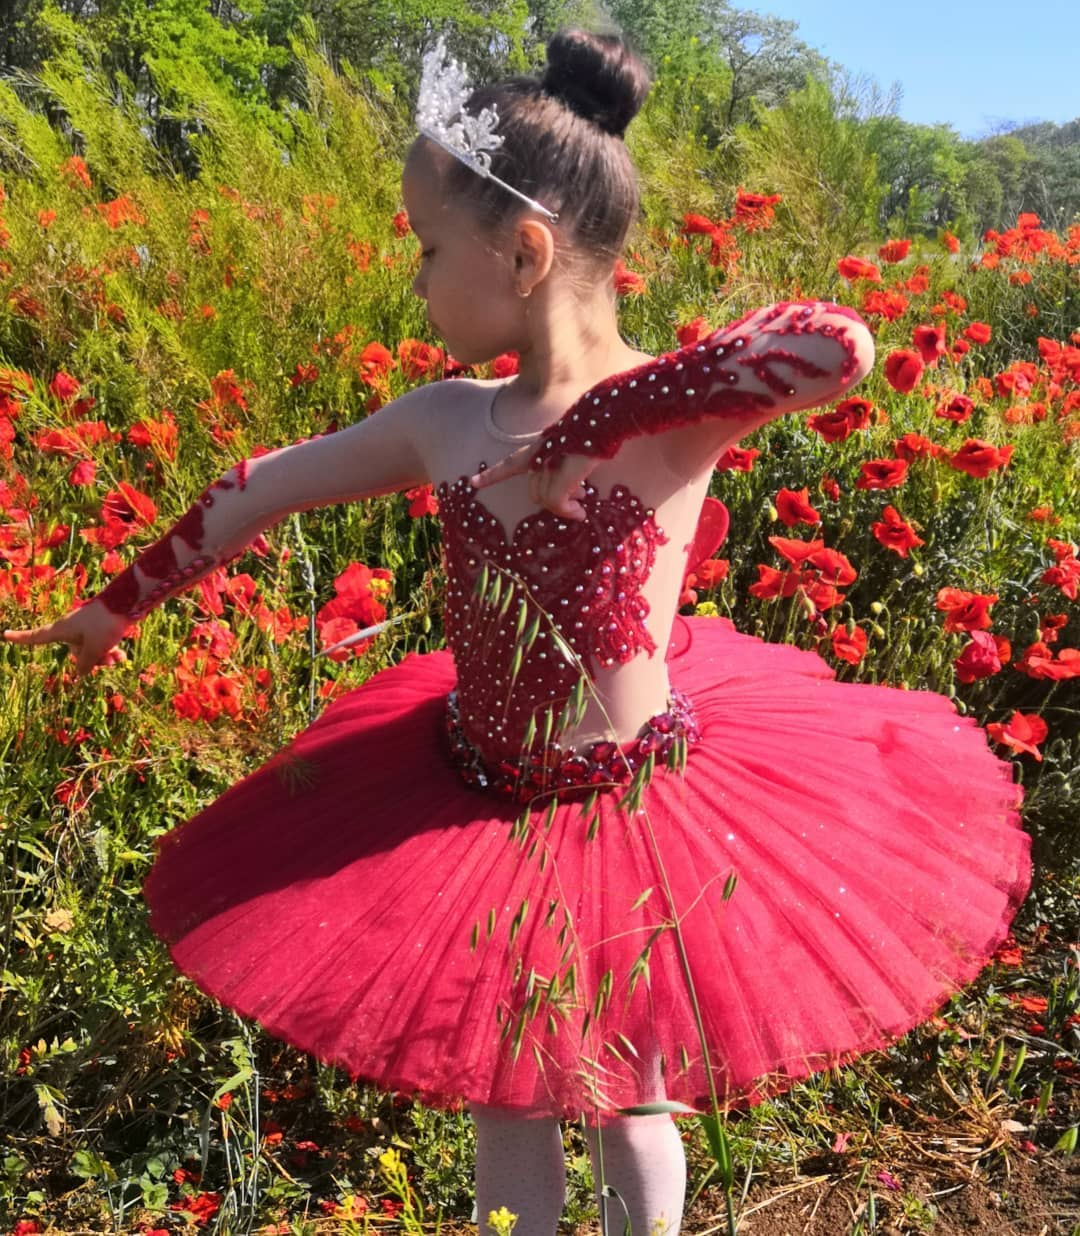 Новороссийские балерины участвуют в испанском конкурсе. Давайте поддержим наших девочек!